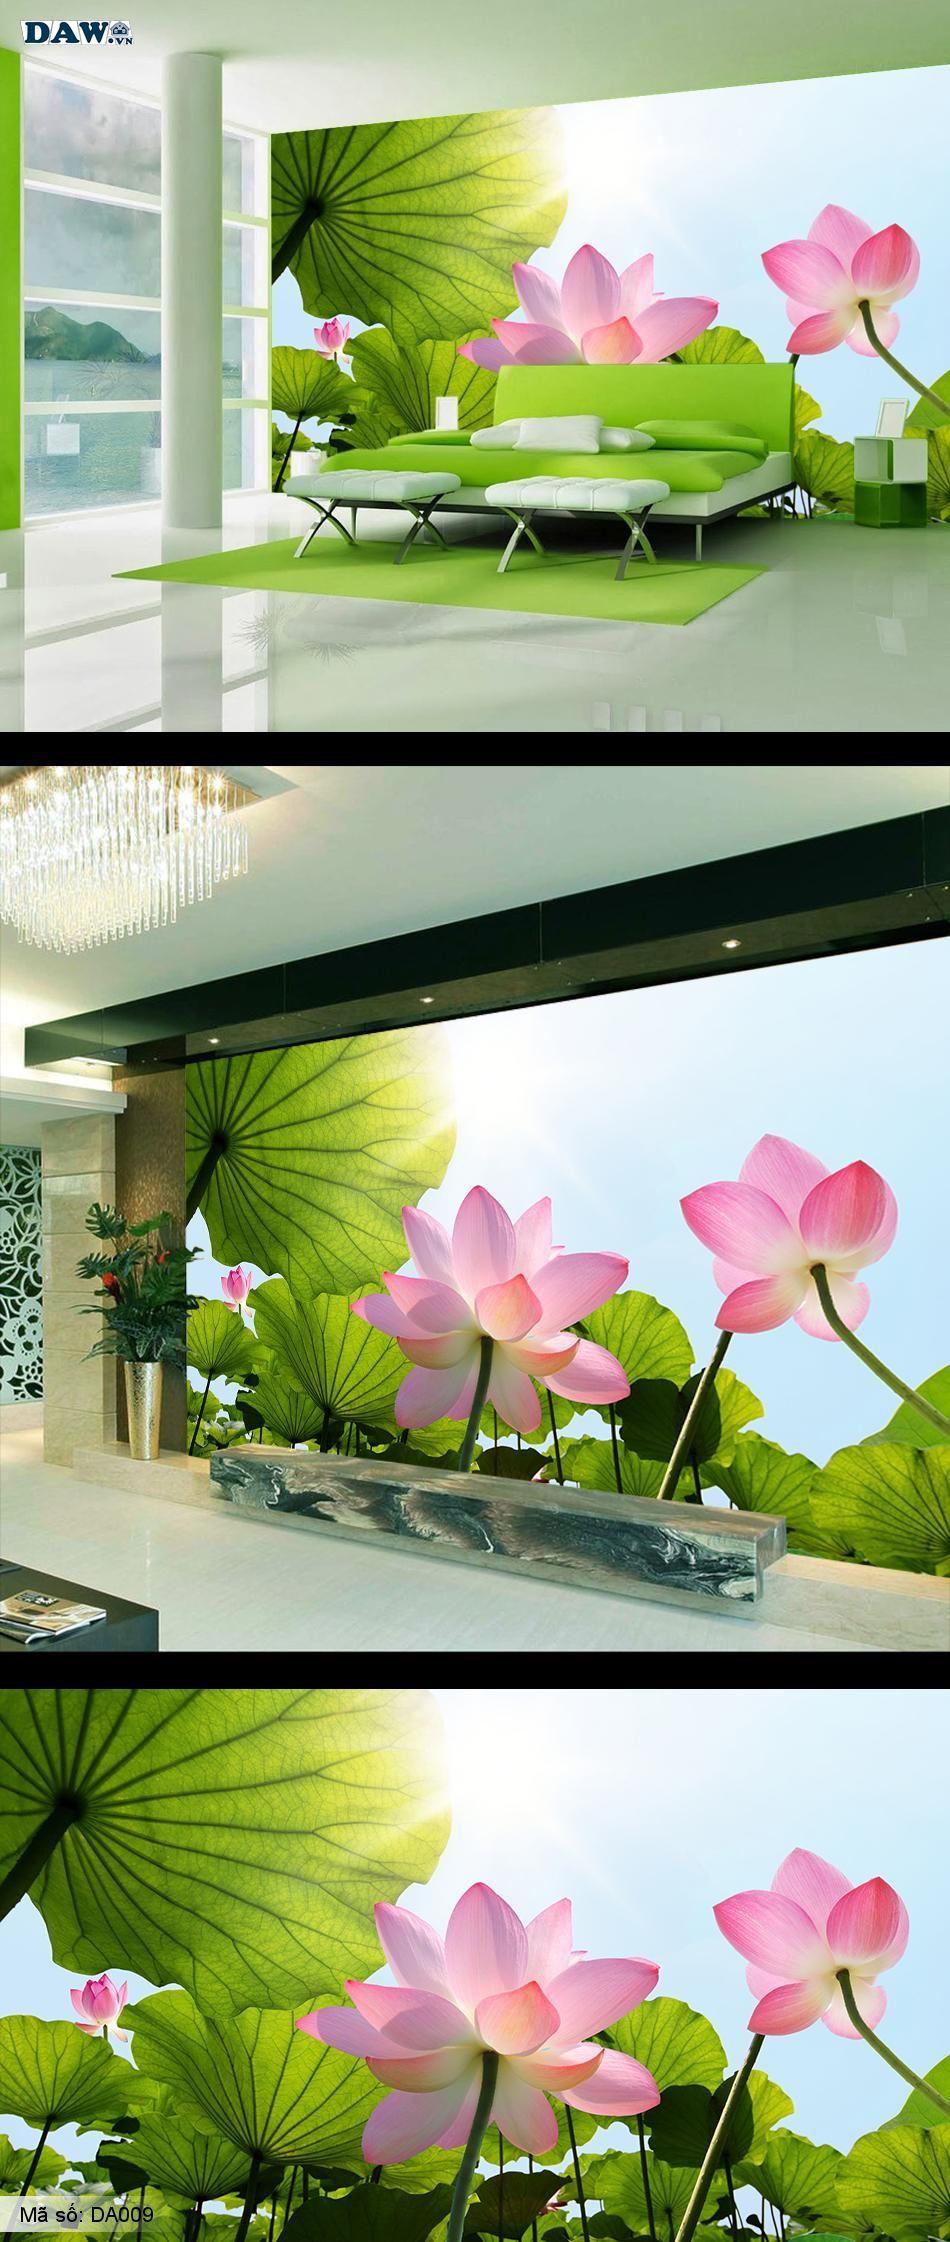 Tranh dán tường hoa sen, hoa sen đẹp, tranh dán tường hoa lá DA009